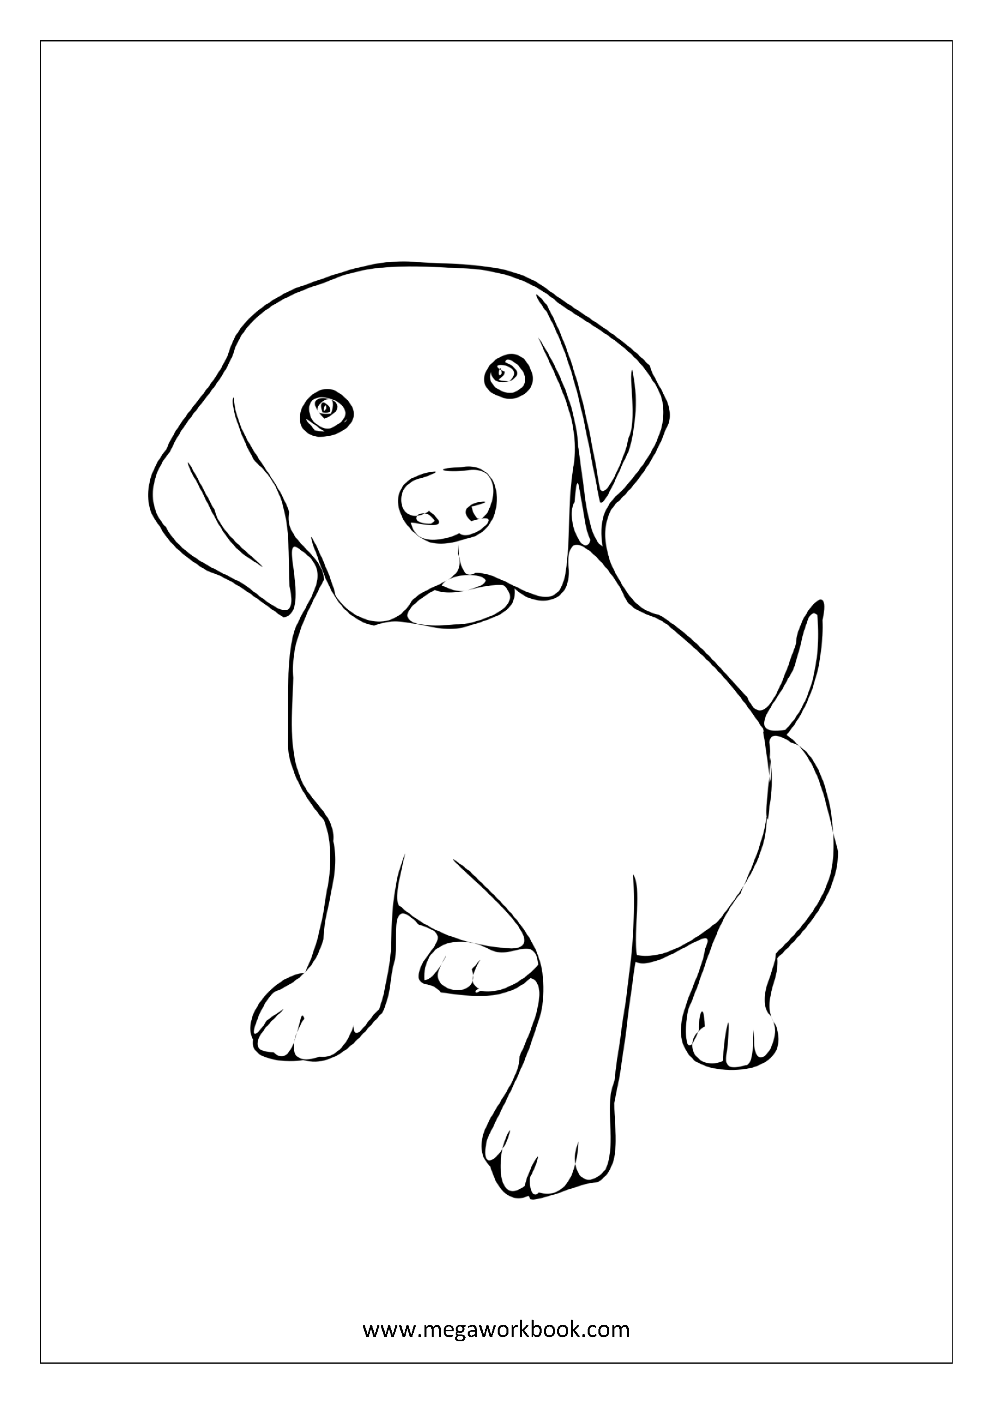 Tipss Und Vorlagen Animal Coloring Page For Kids 2019 Vogel Malvorlagen Ausmalbilder Hunde Malvorlagen